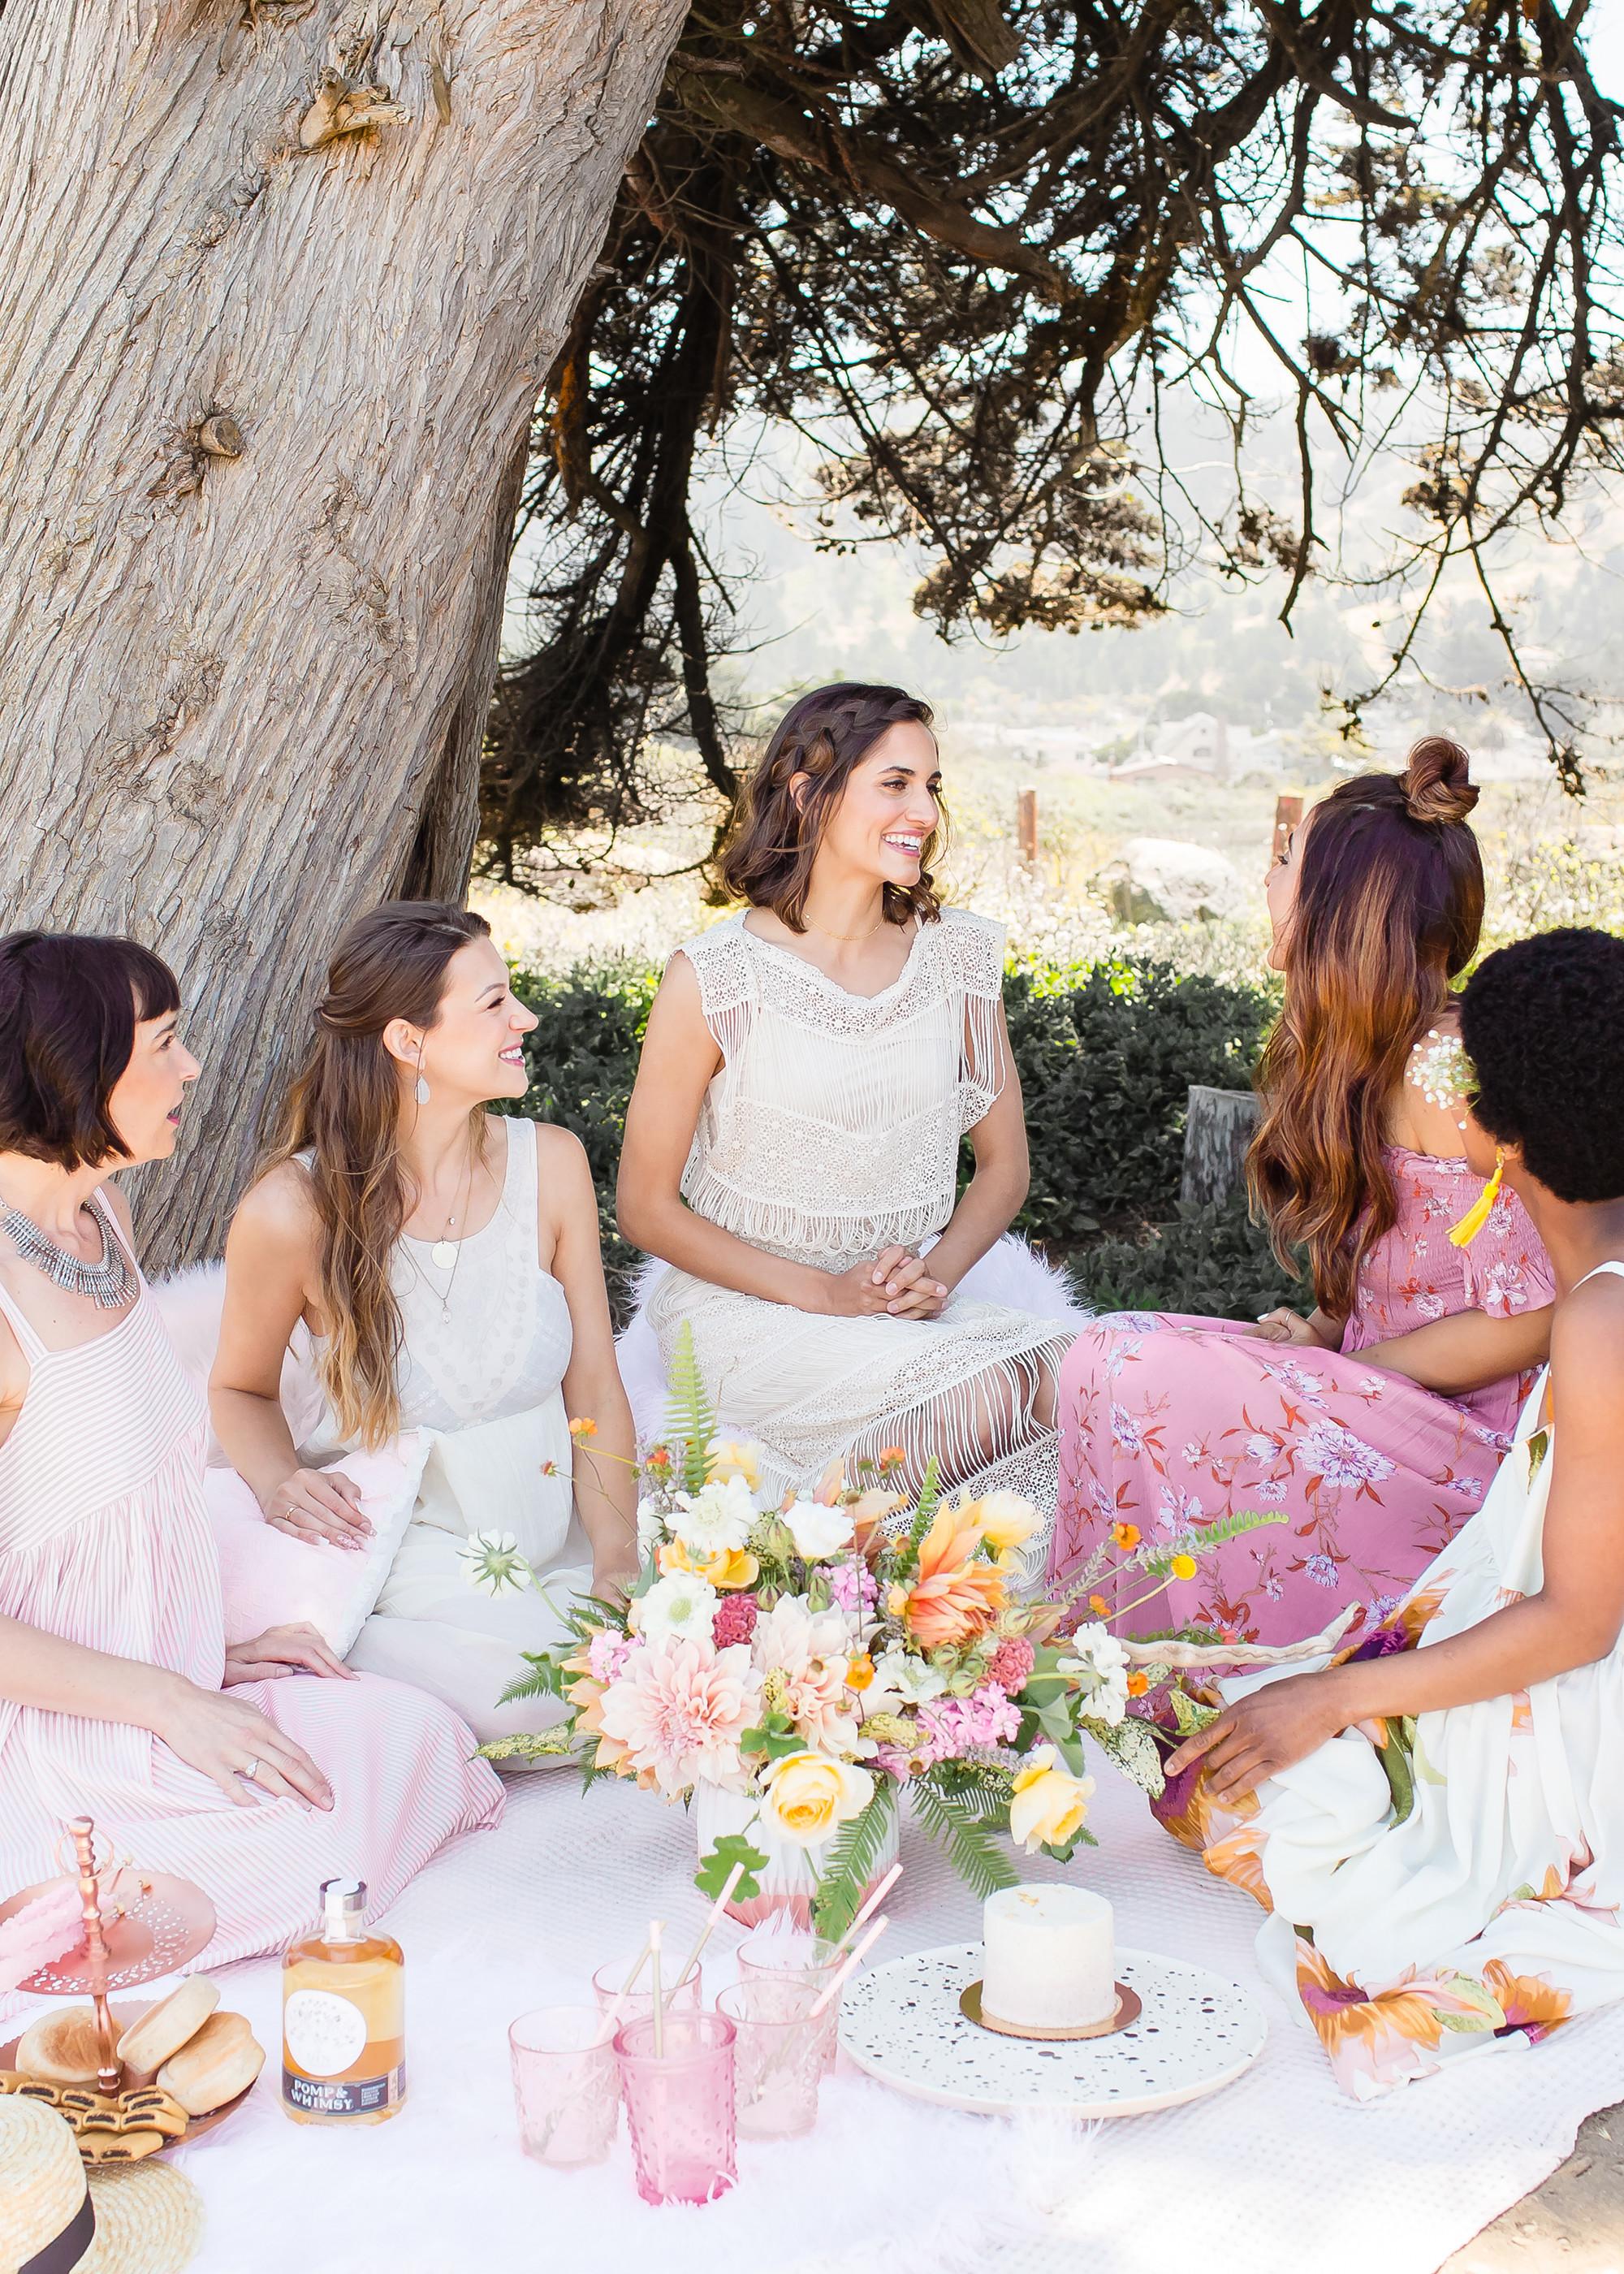 The Best Garden Bridal Shower Ideas | Martha Stewart Weddings